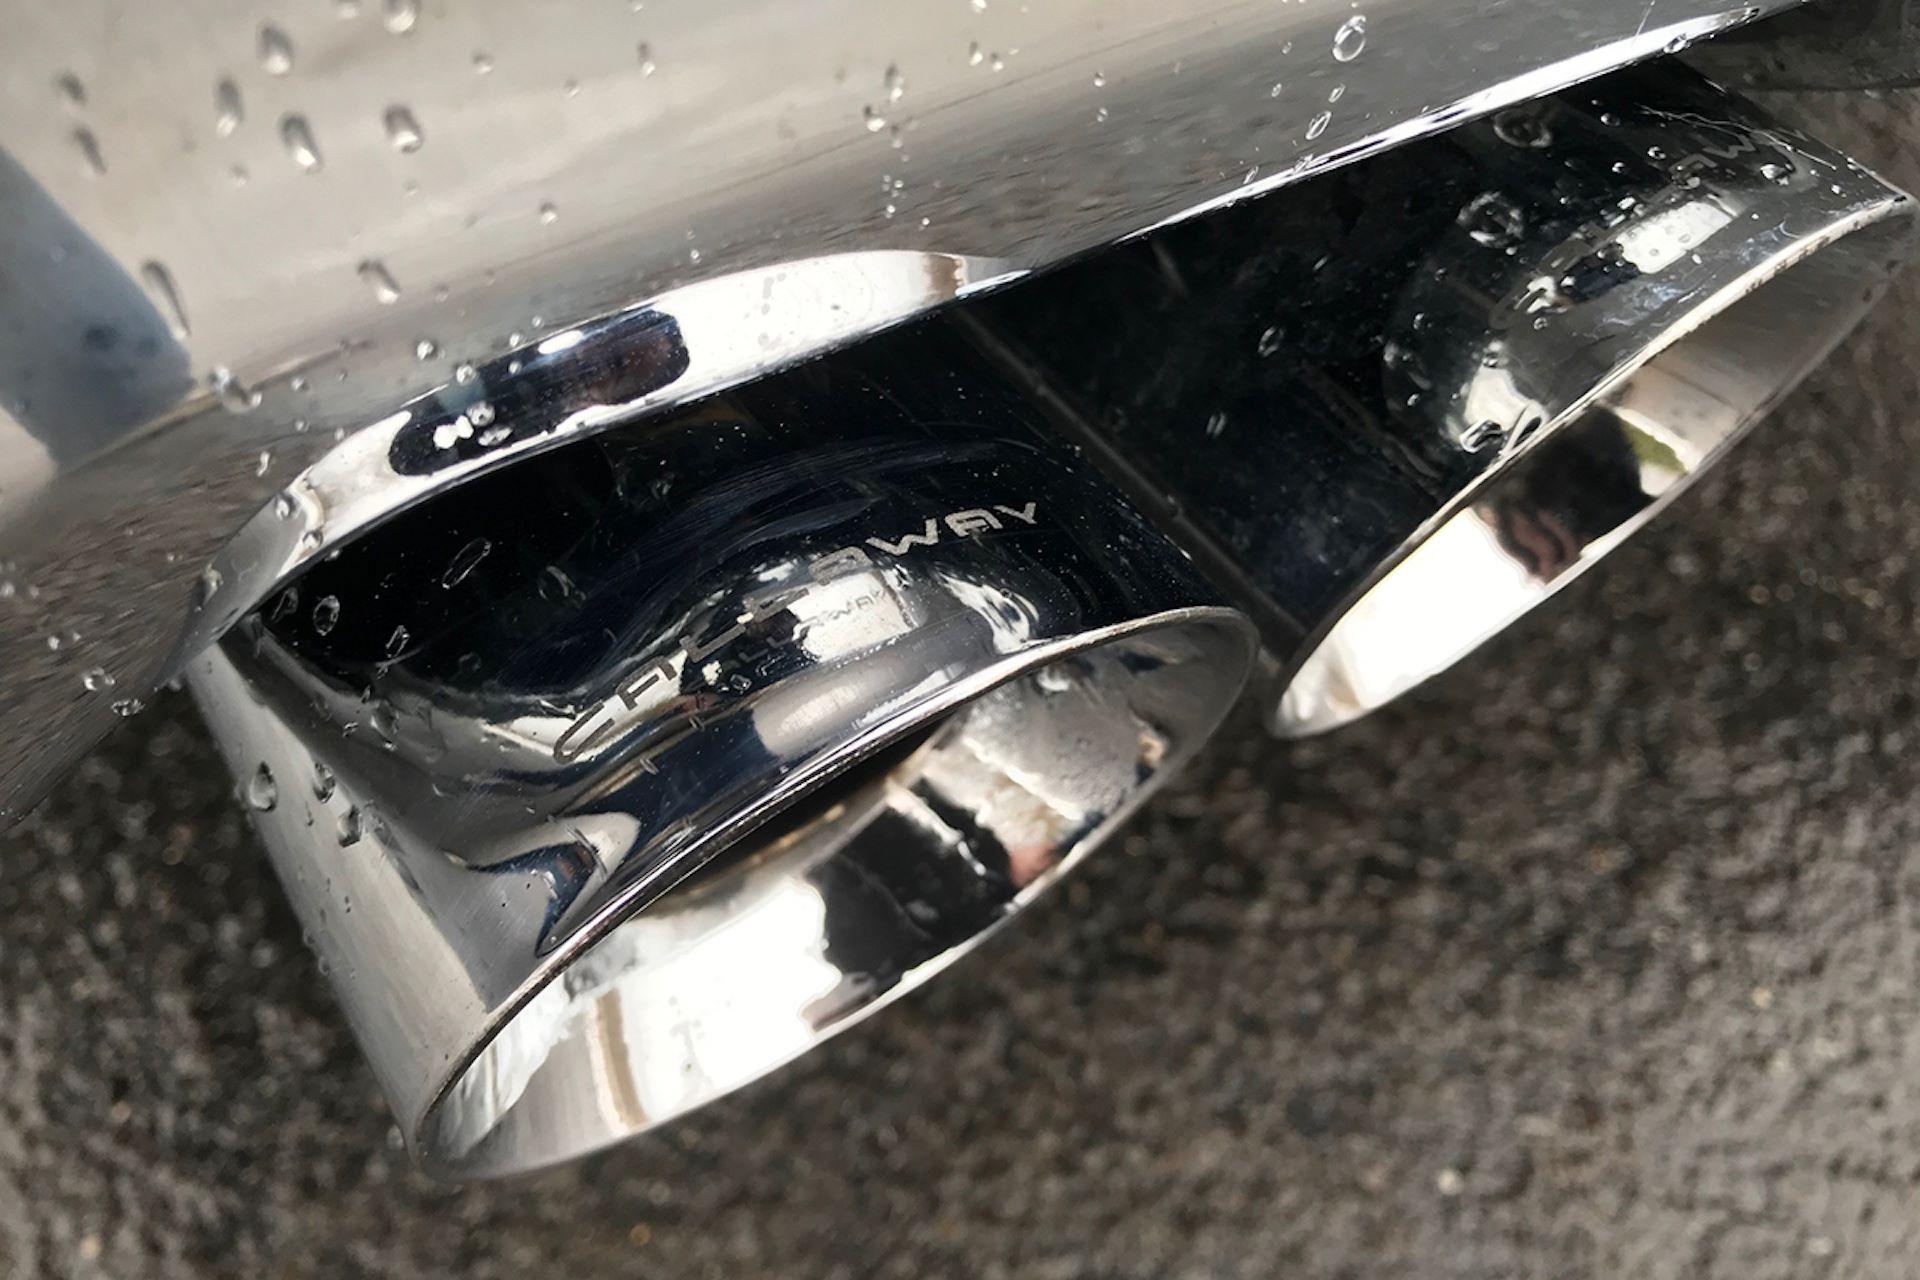 Chevrolet-Silverado-Signature-Edition-by-Callaway-5